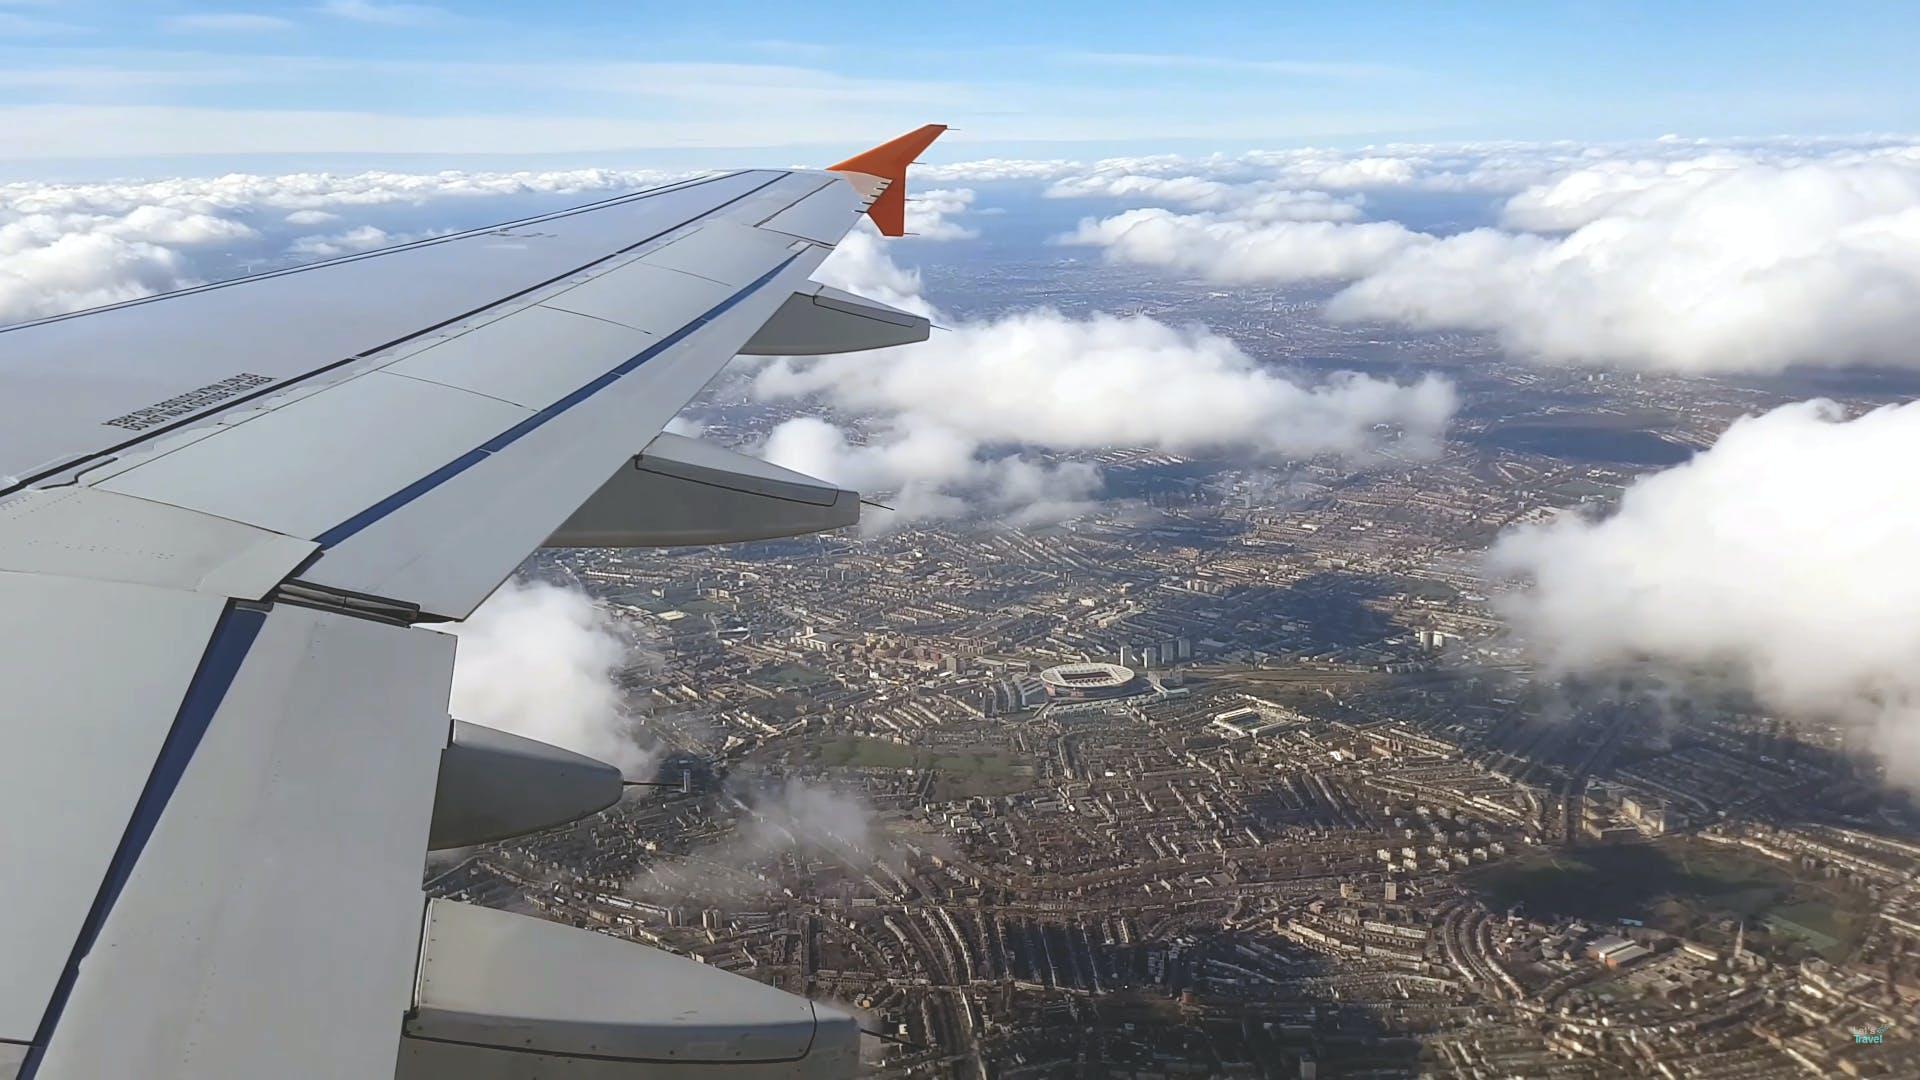 Δωρεάν στοκ φωτογραφιών με lifestyle, αεροπλάνα, αεροπλάνο, απεριρόνη